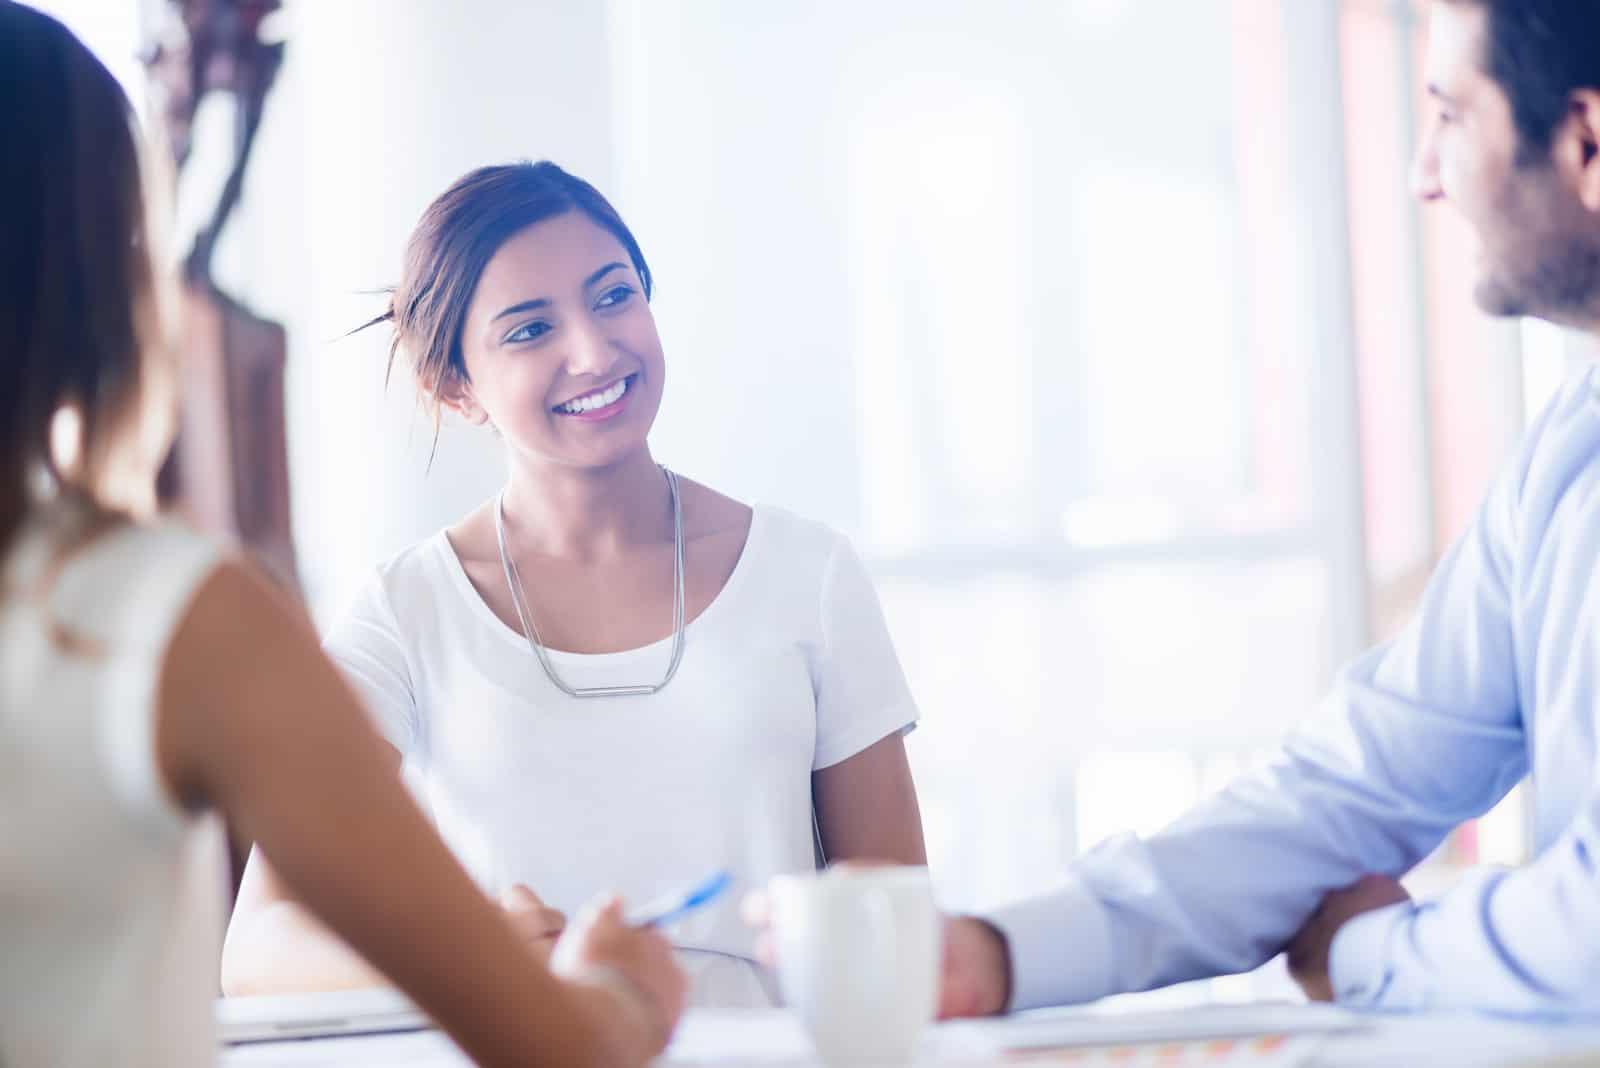 Ein Mann und eine Frau sehen sich bei der Arbeit an (2)